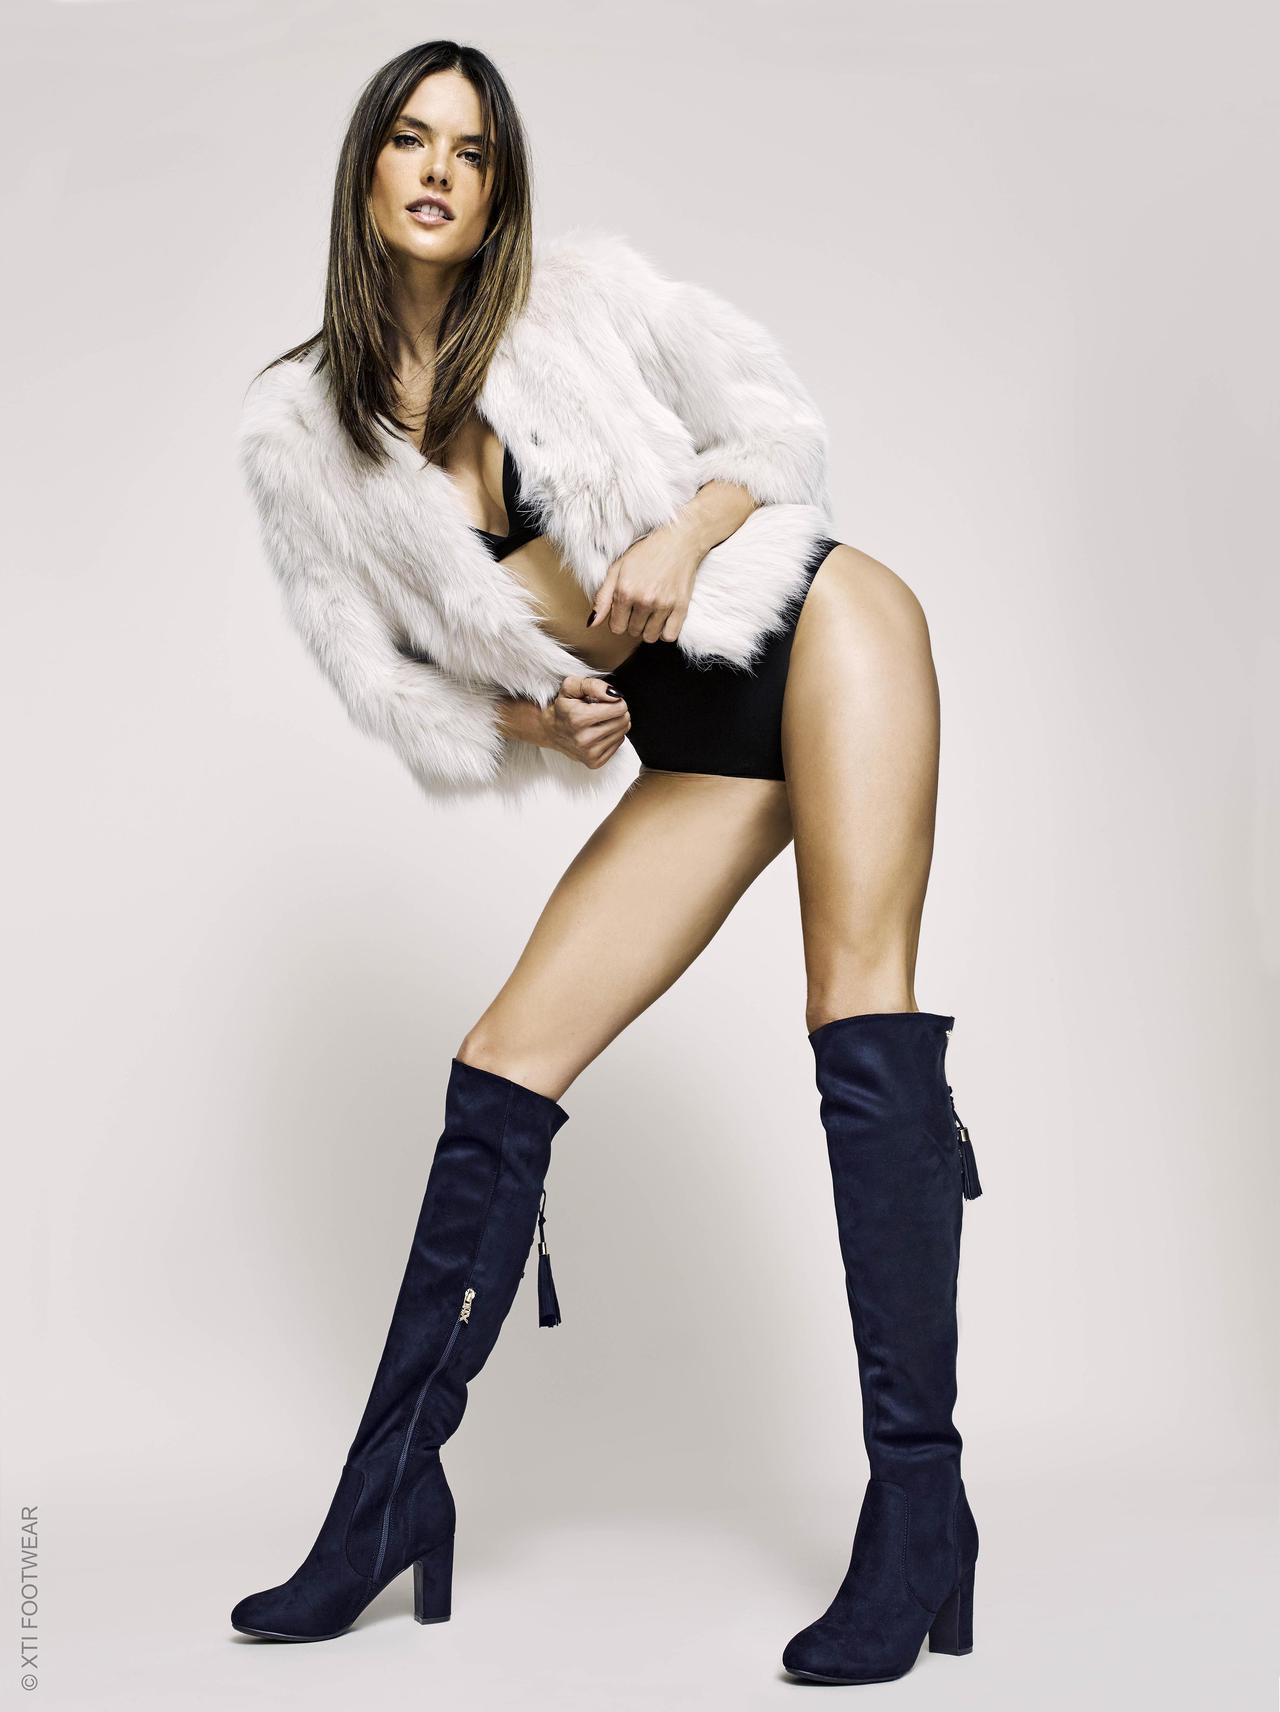 画像1: 38歳アレッサンドラ・アンブロジオがキレイすぎる美脚を披露